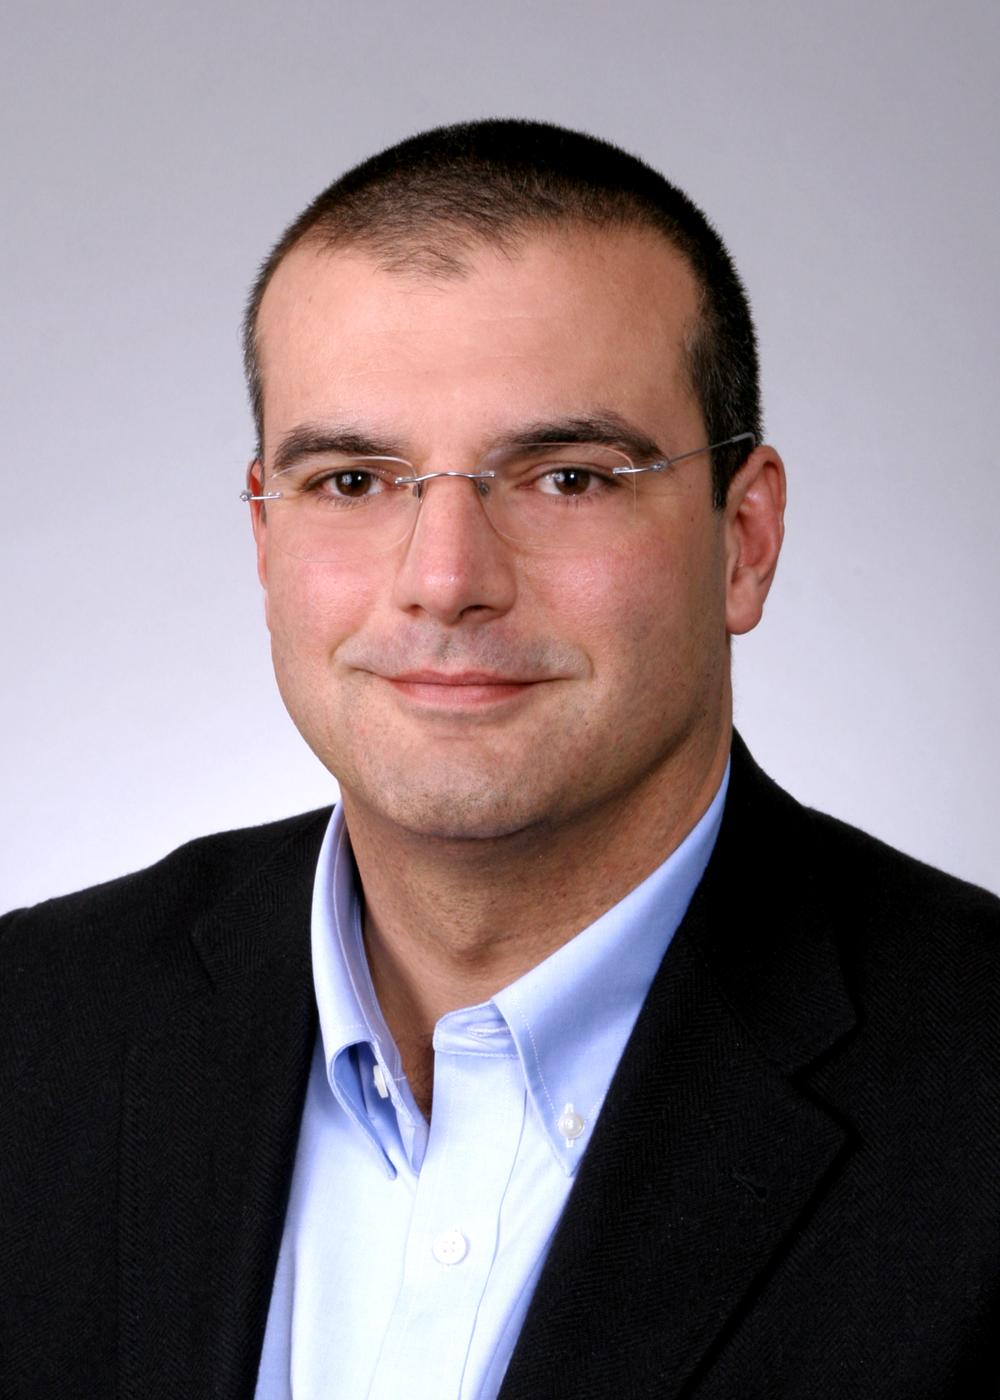 Fabio Vacirca